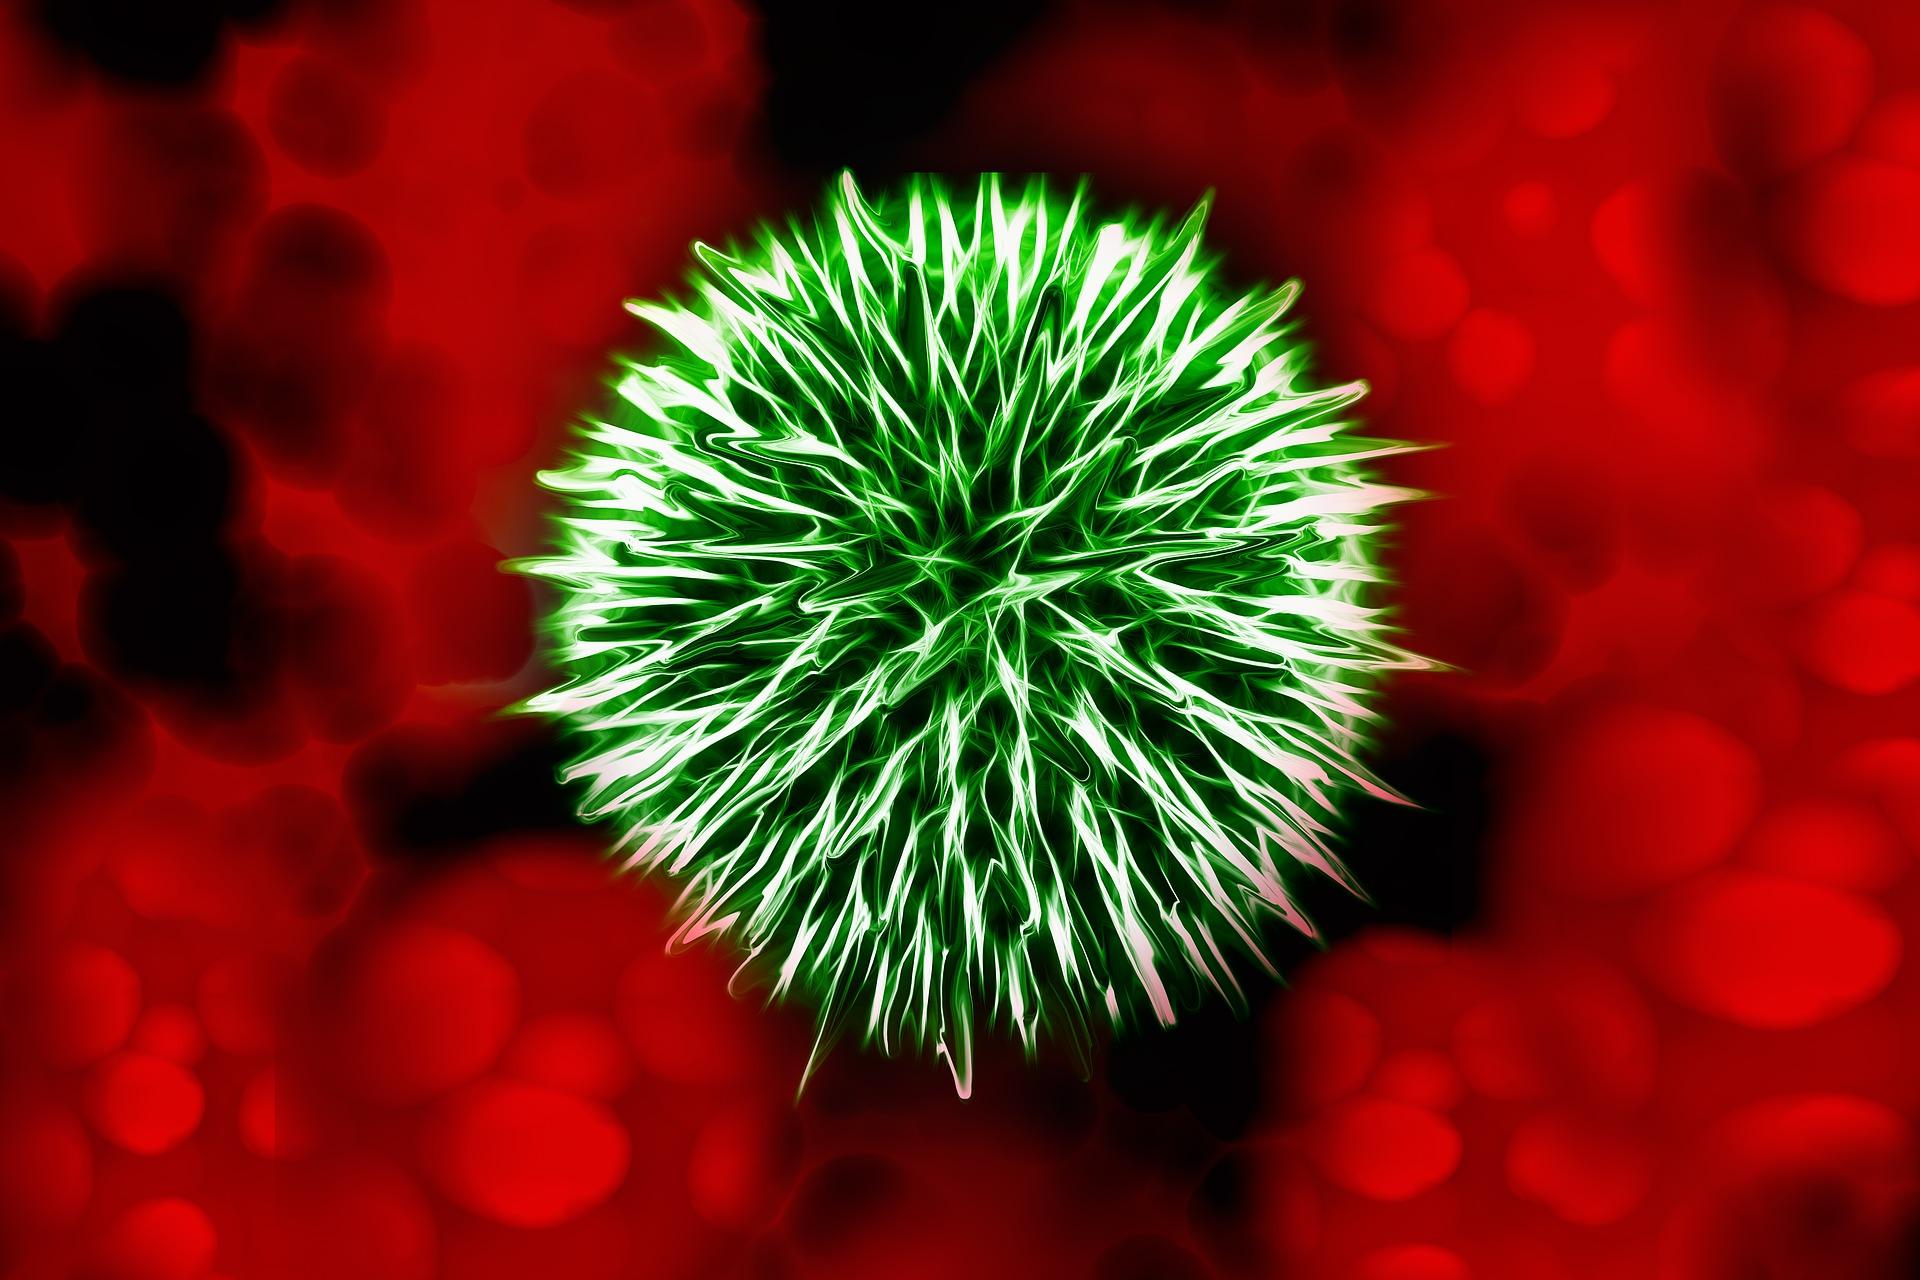 Borelioza wrocław biorezonans